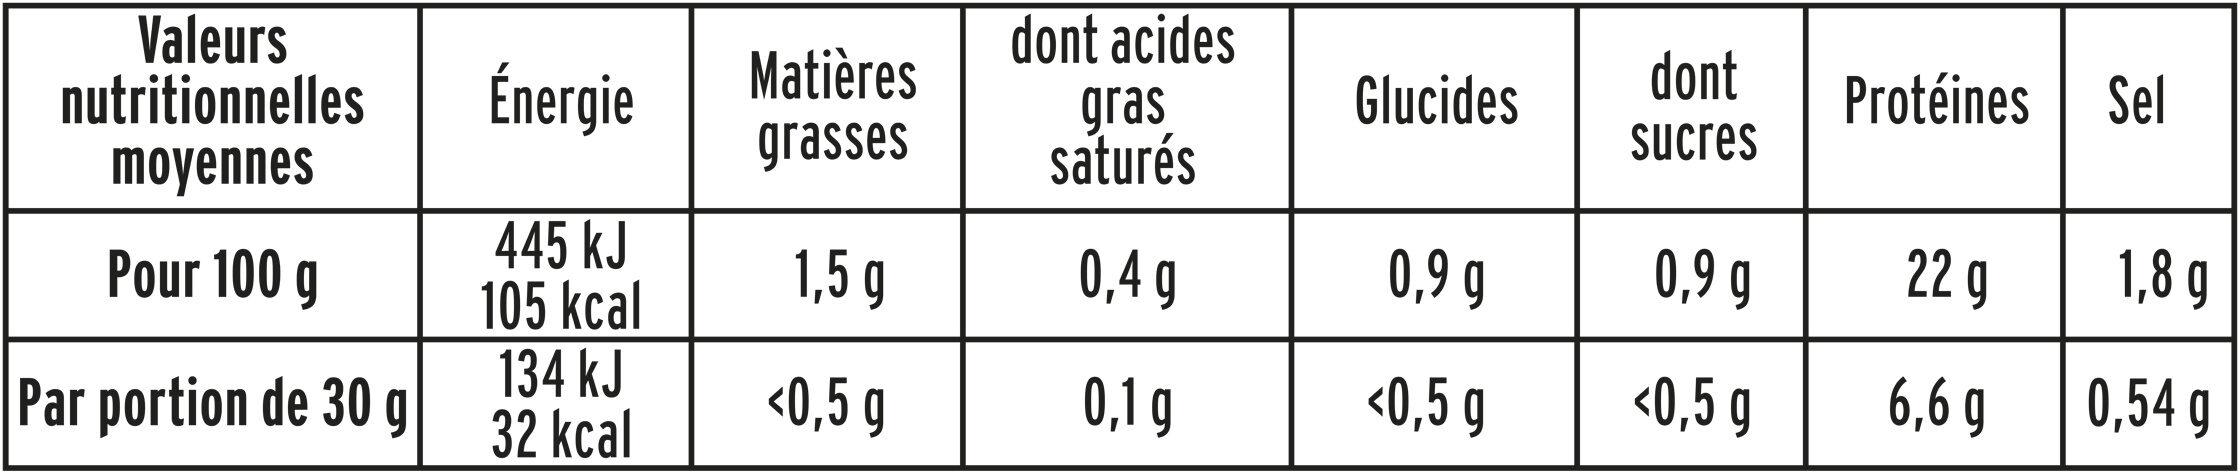 Blanc de Poulet - Fumé - Halal - Informations nutritionnelles - fr